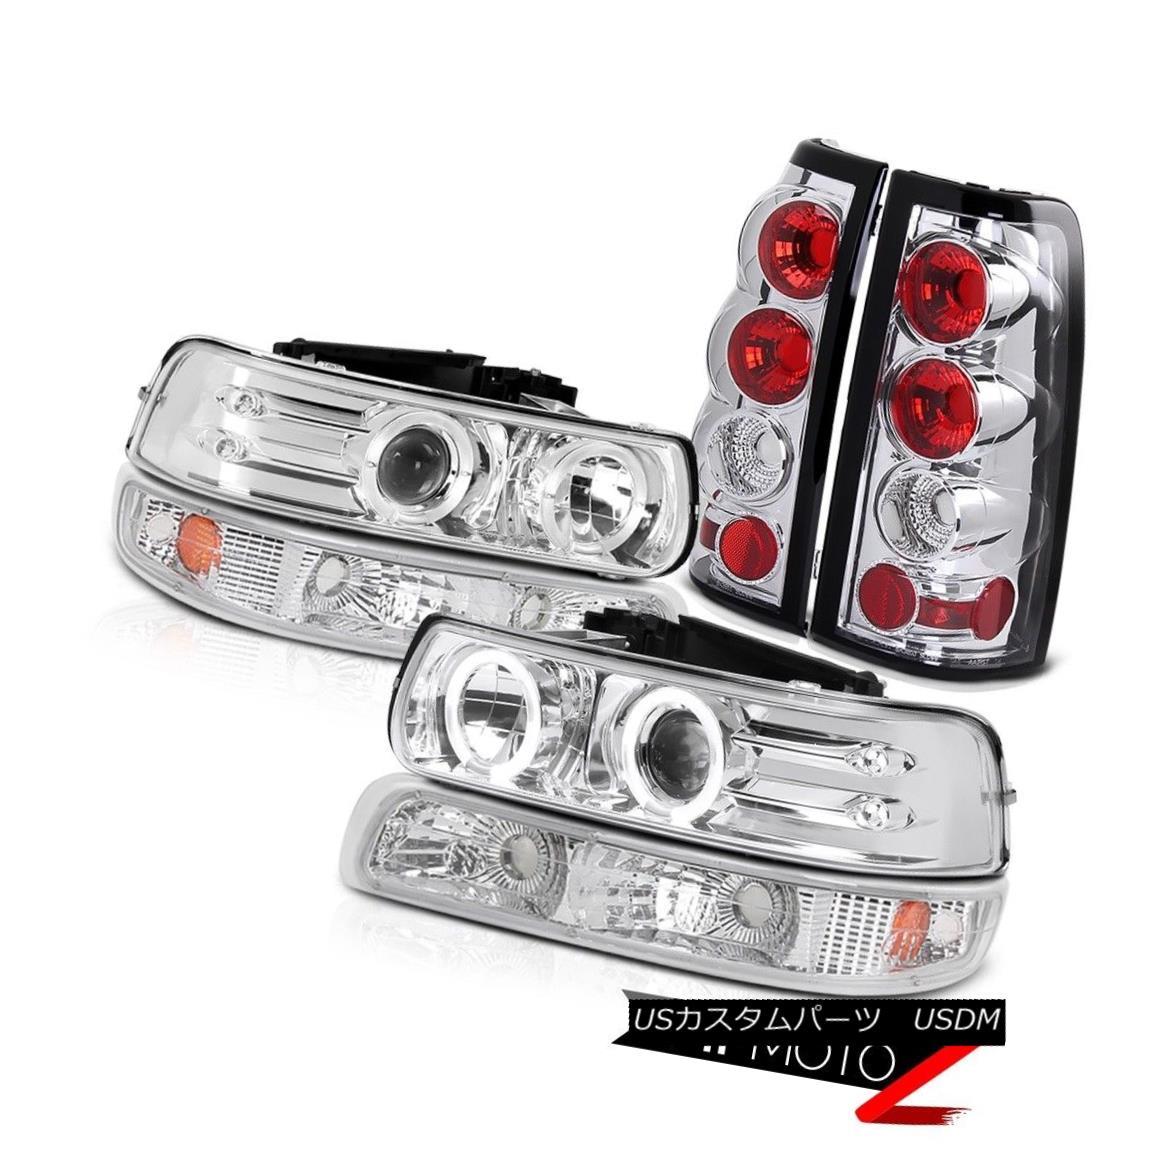 ヘッドライト 99-02 Silverado Heavy Duty LED Projector Headlight Bumper Lamp Tail Light Signal 99-02 SilveradoヘビーデューティーLEDプロジェクターヘッドライトバンパーランプテールライト信号